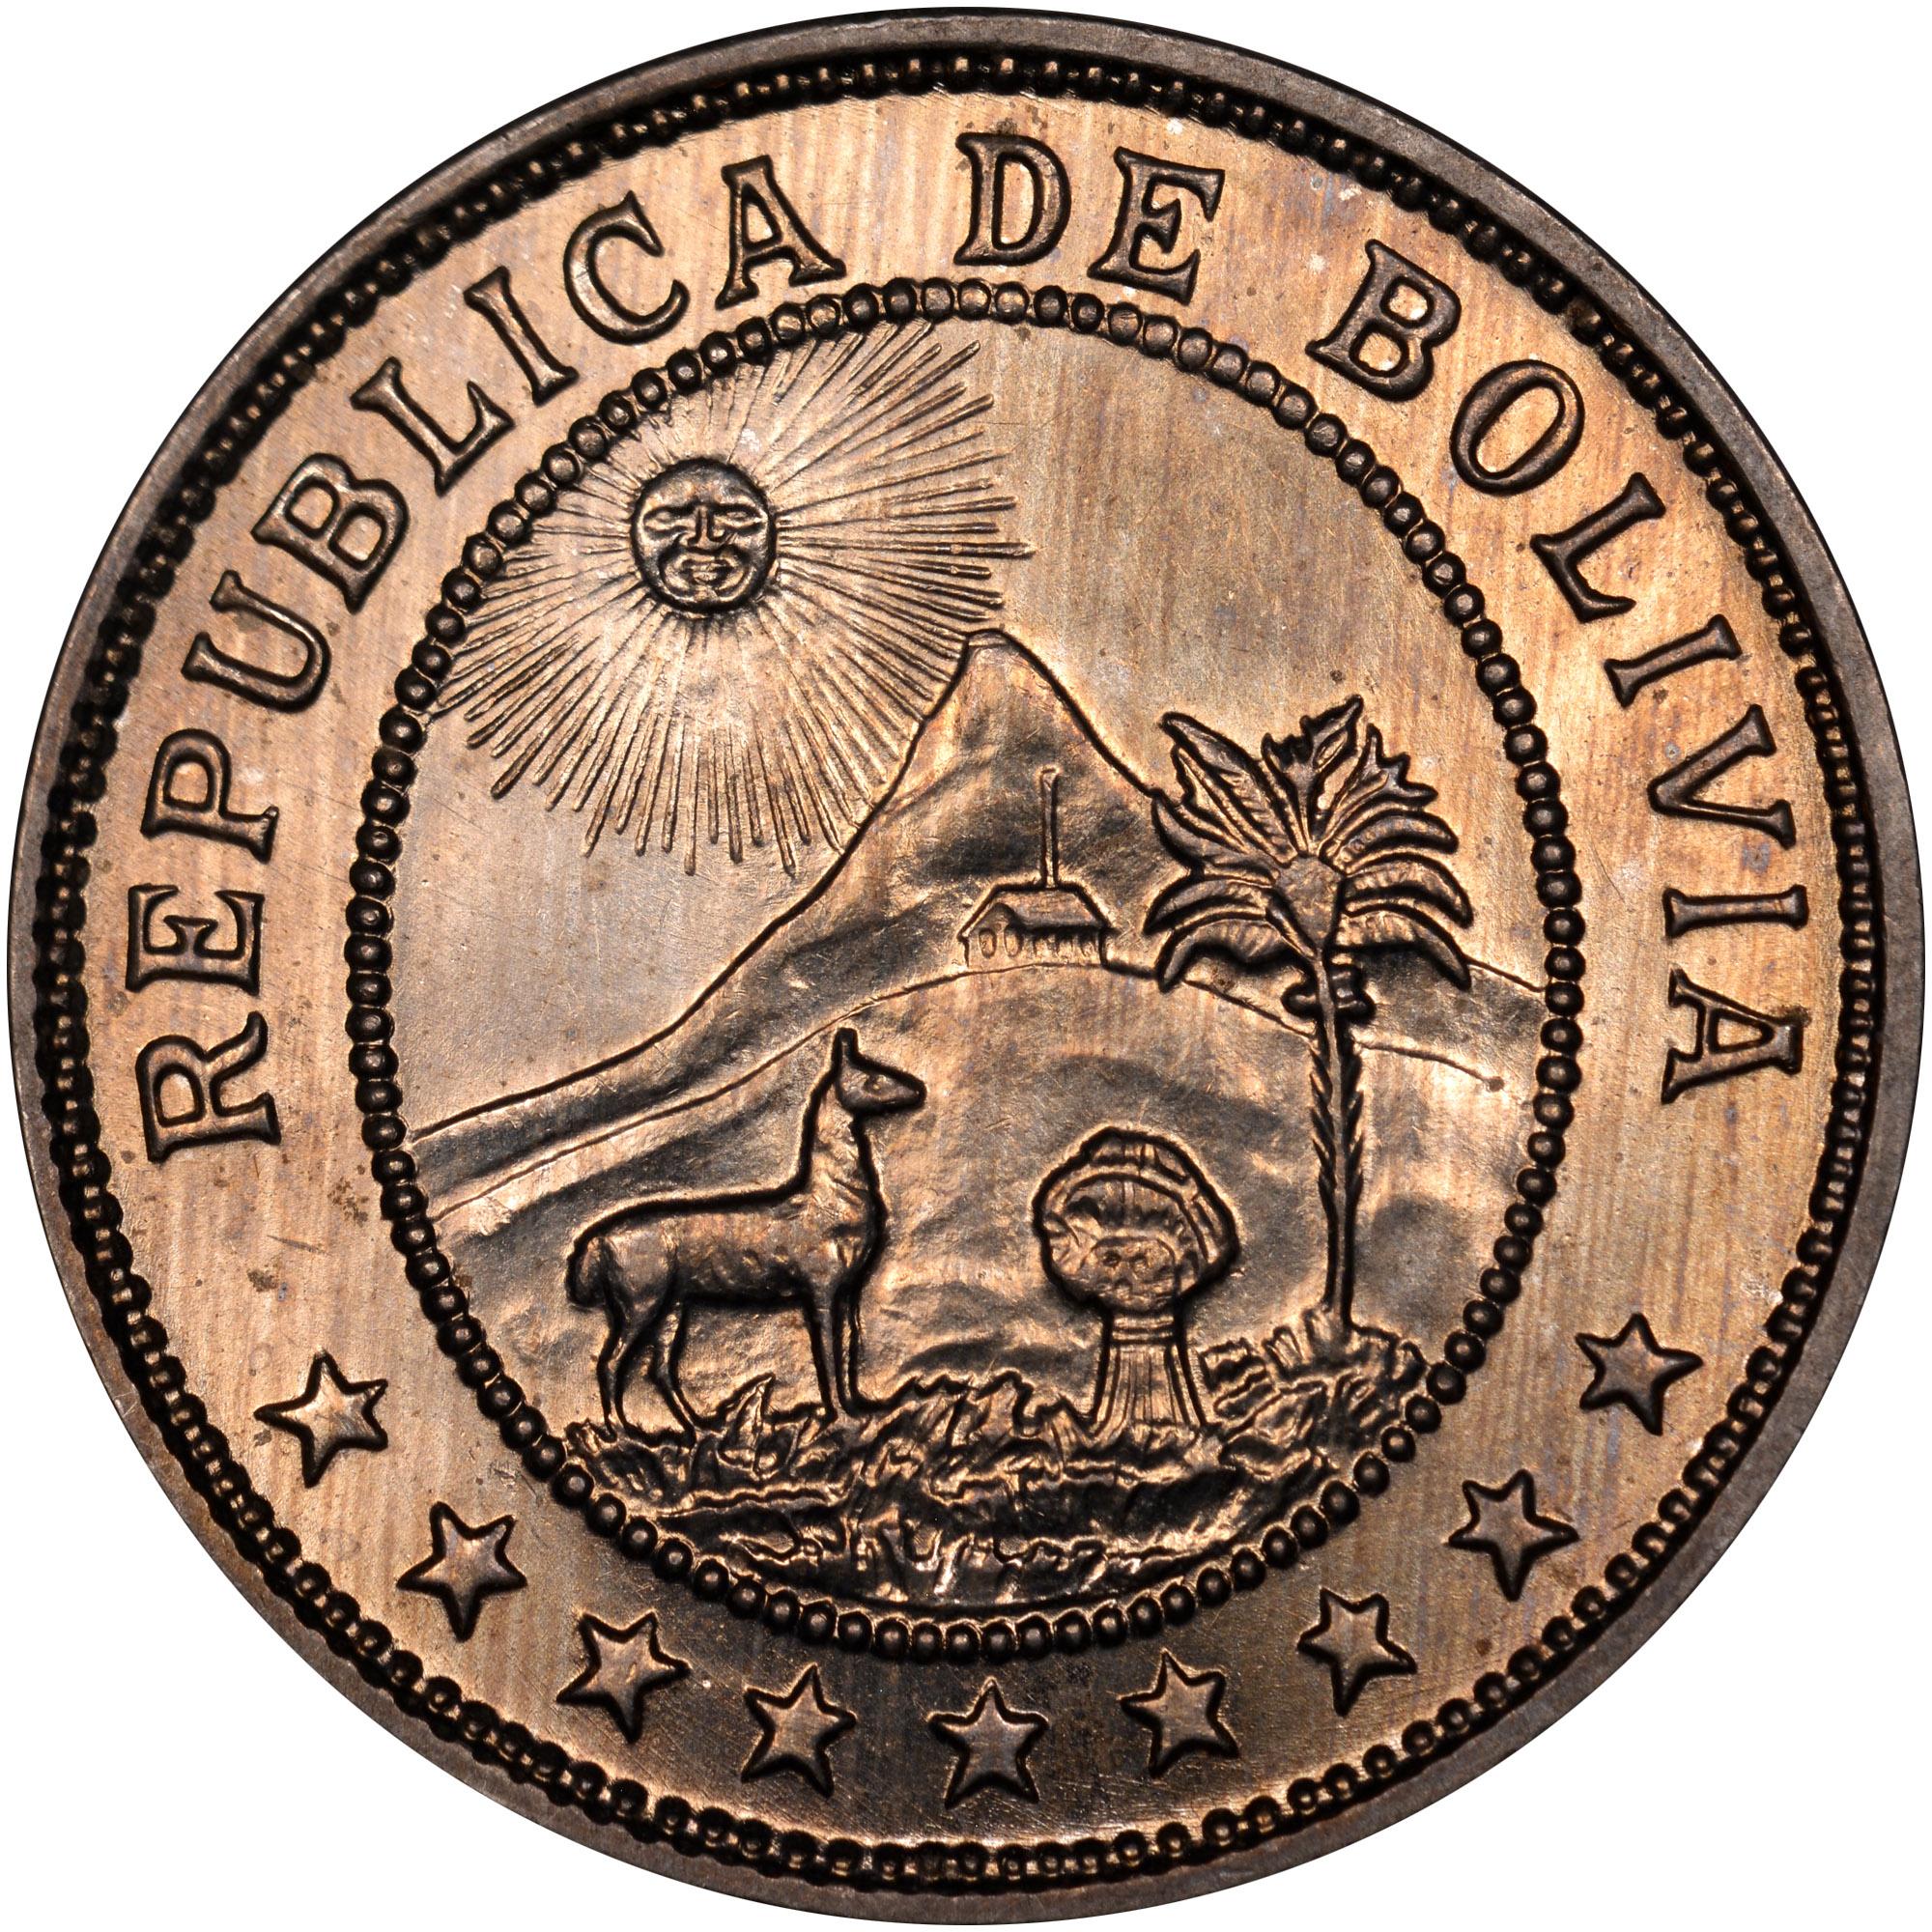 Bolivia 50 Centavos obverse